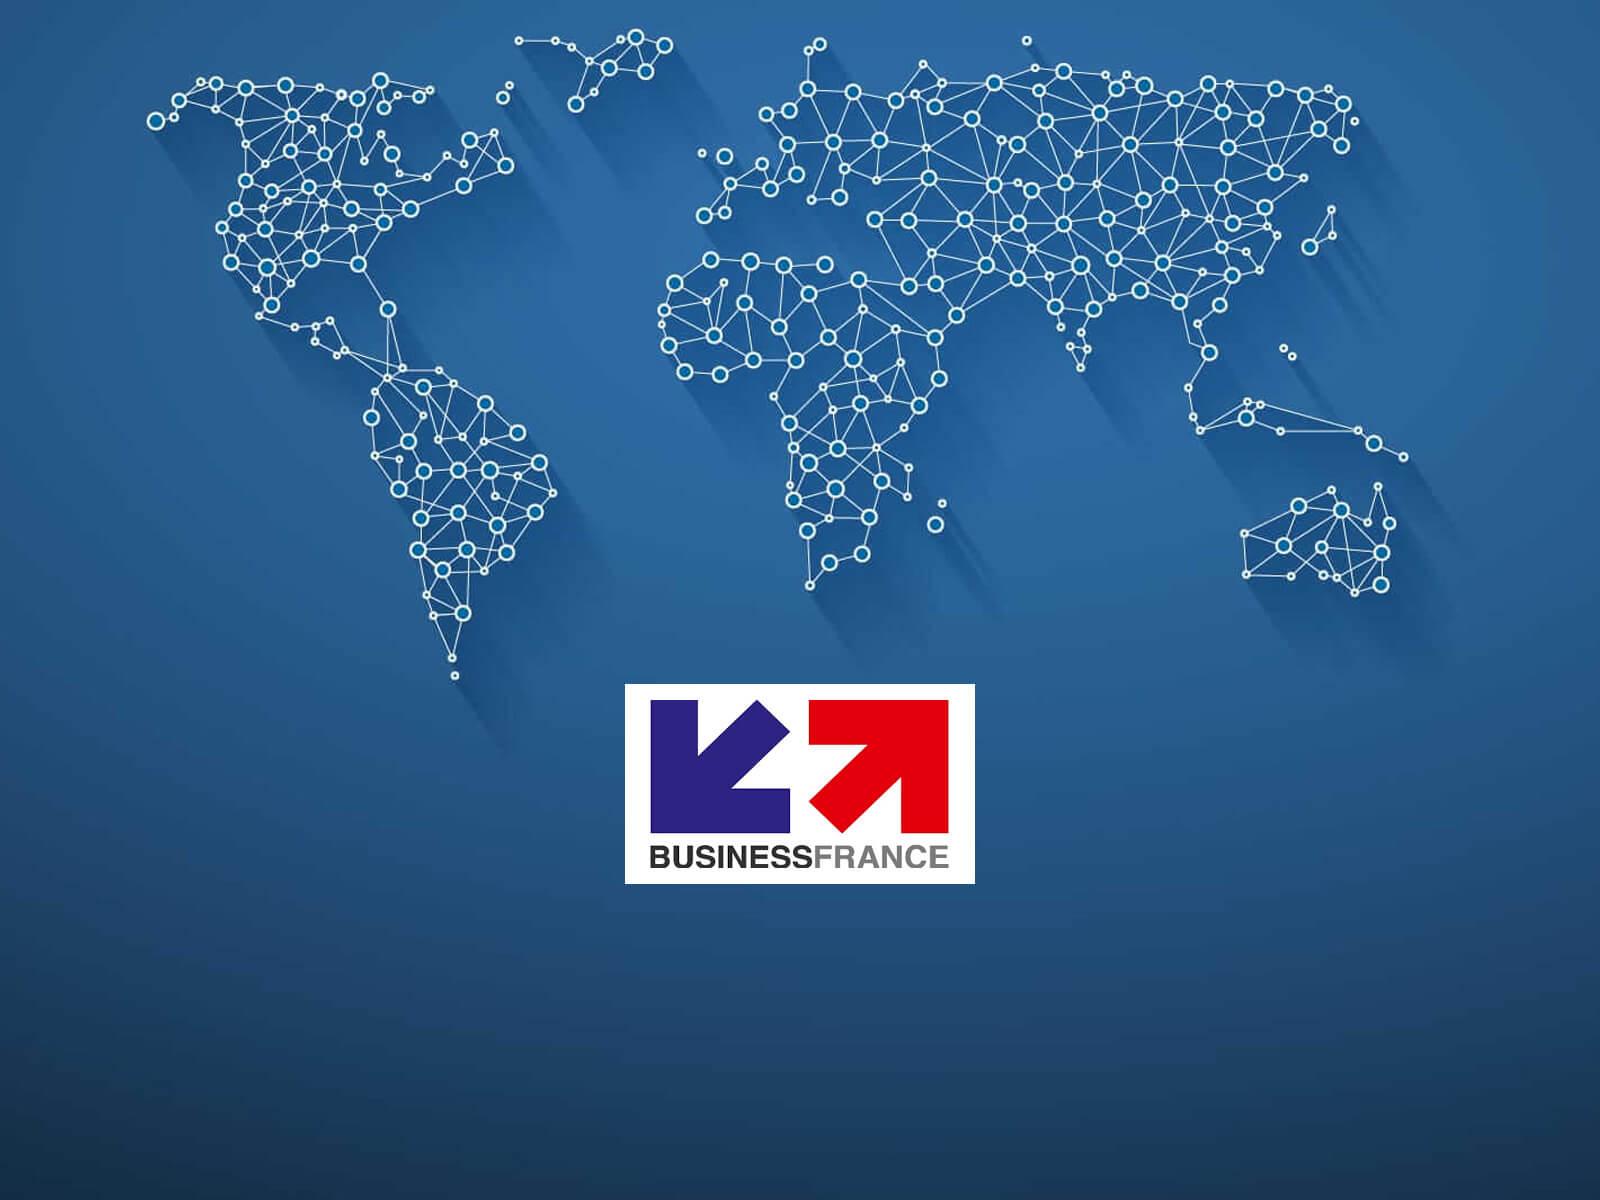 Développement d'un applicatif modial pour la gestion des projets d'investissement en France pour Business France